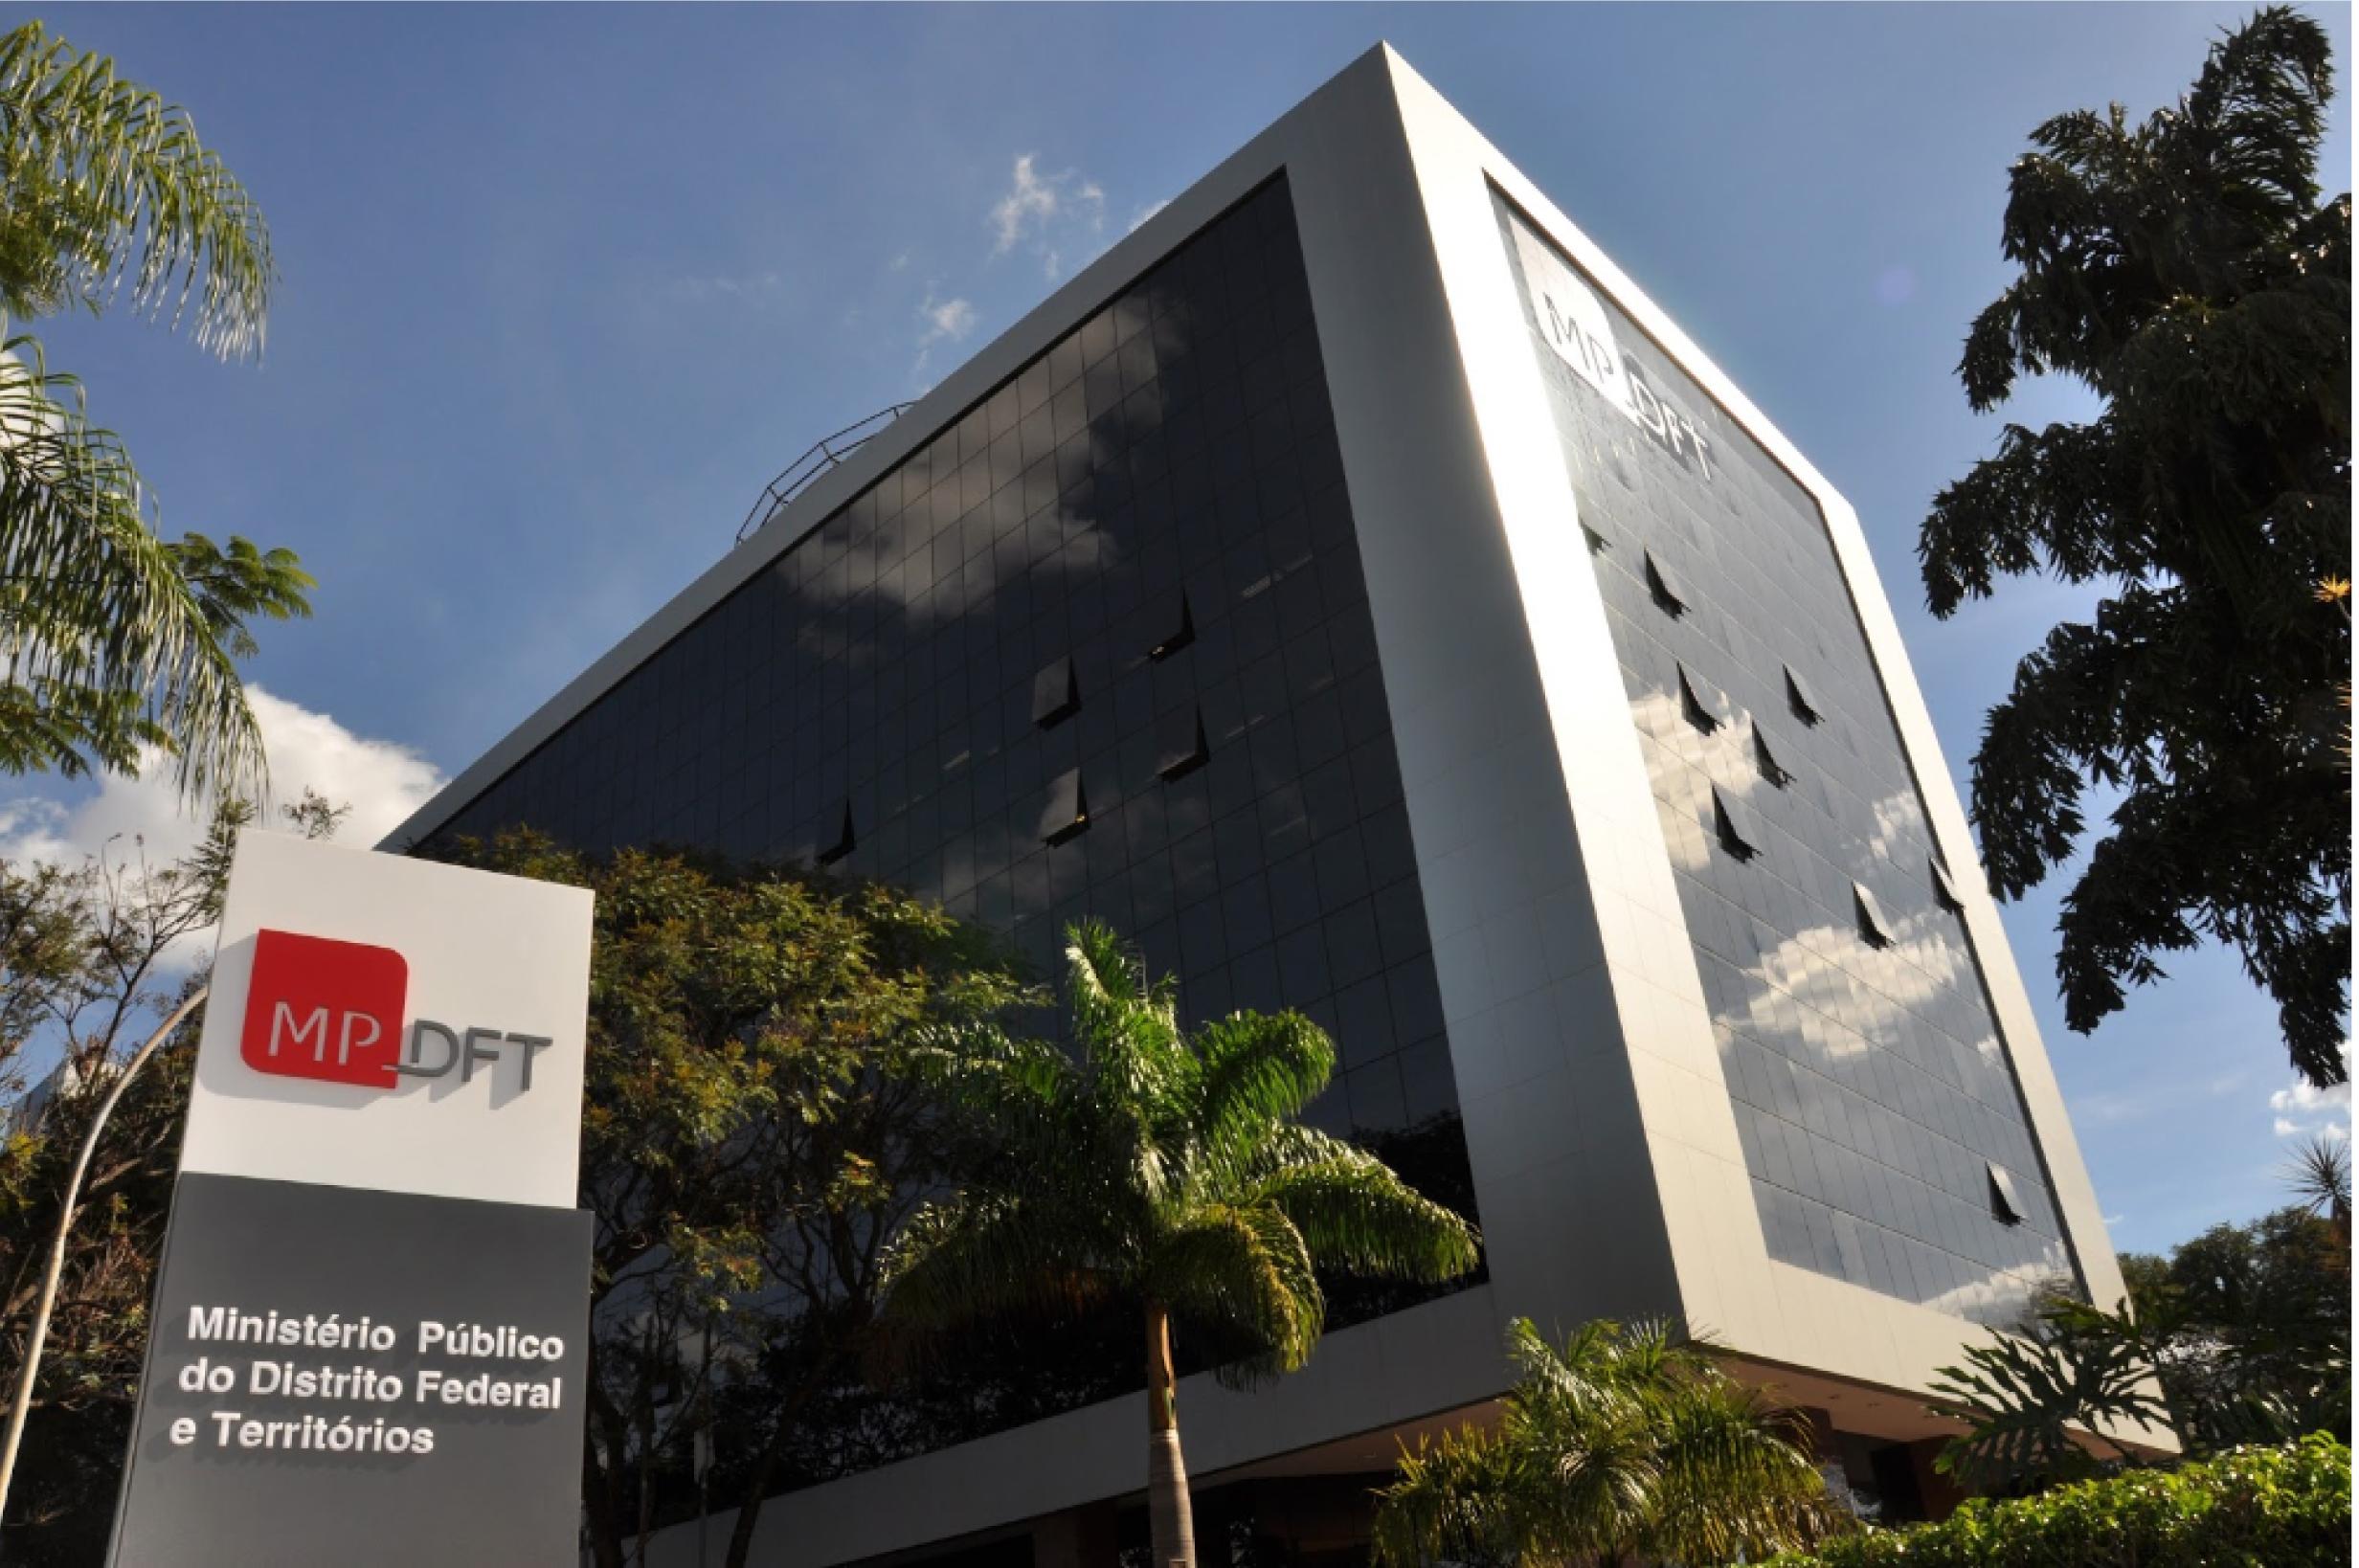 ministério publico distrito federal radio corredor - O efeito da corrupção em escola do DF